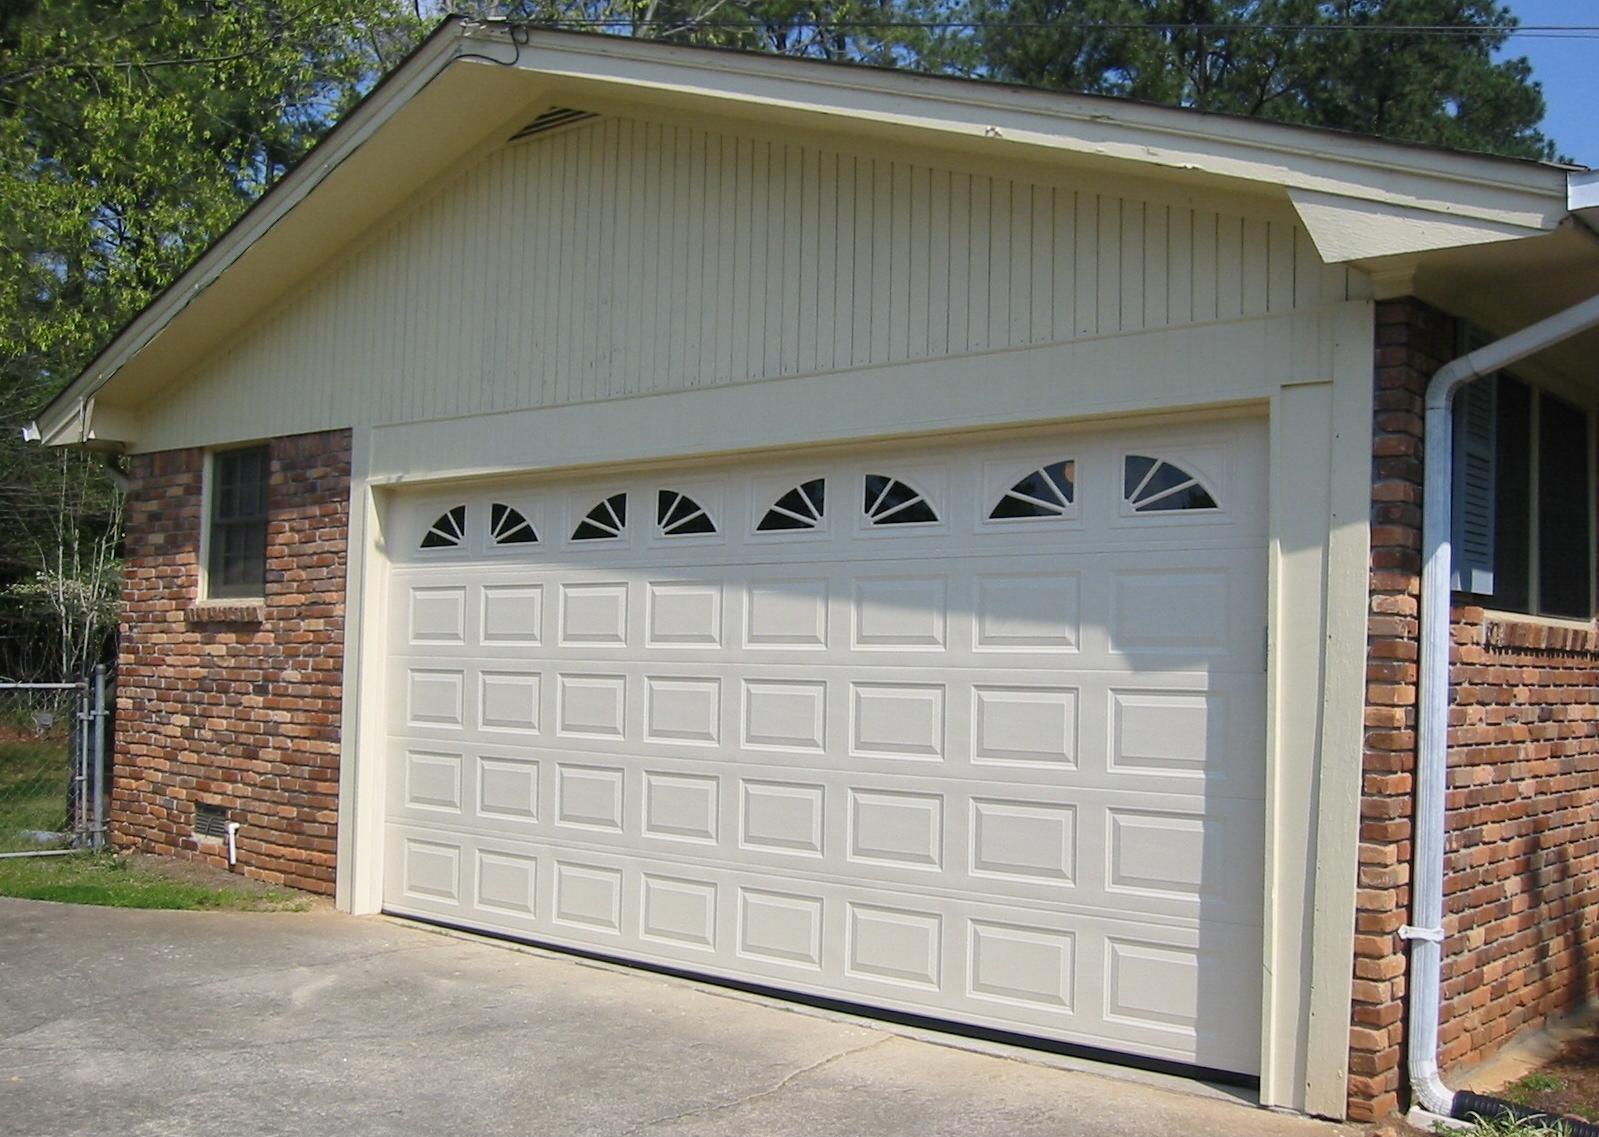 Puertas automaticas alcoy puertas de garaje automaticas for Puertas automaticas garaje